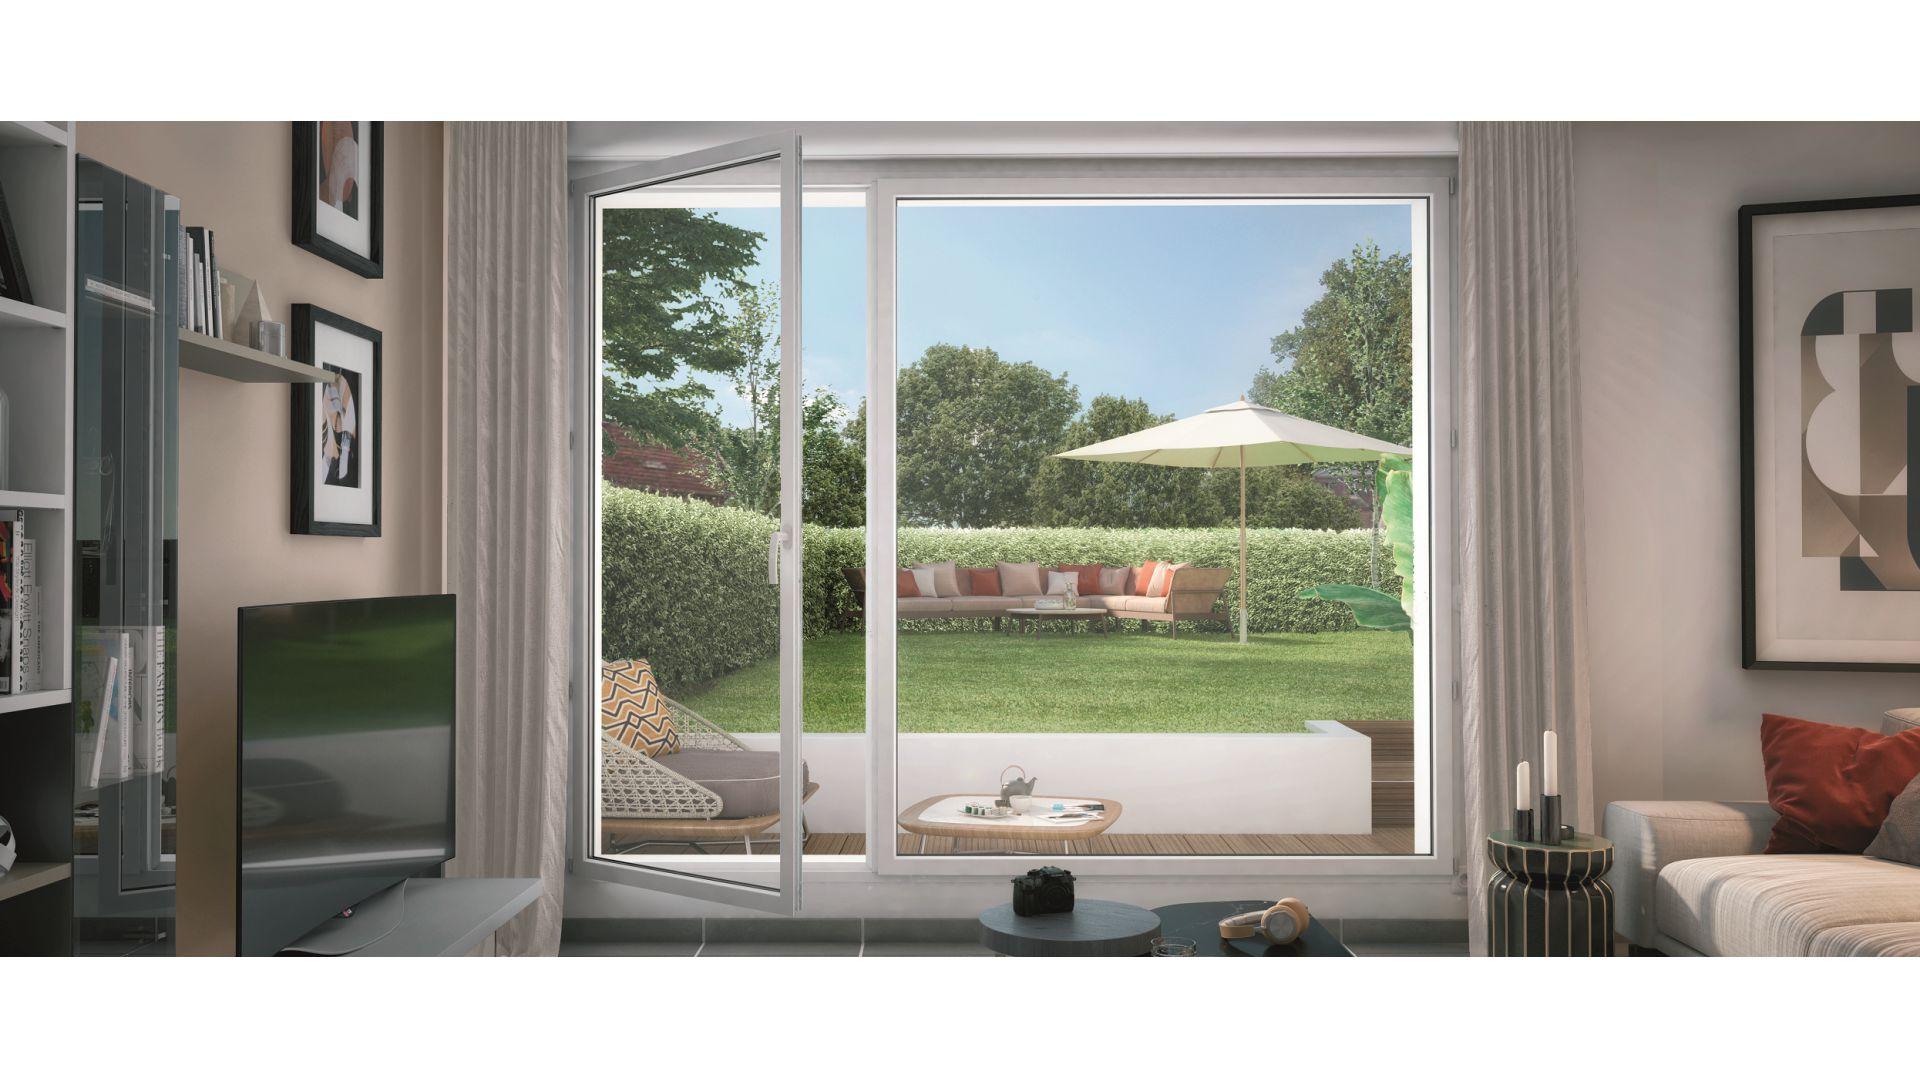 GreenCity Immobilier - Villa Grés - Gretz Armainvilliers - appartements du T1 bis au T3 - vue terrasse